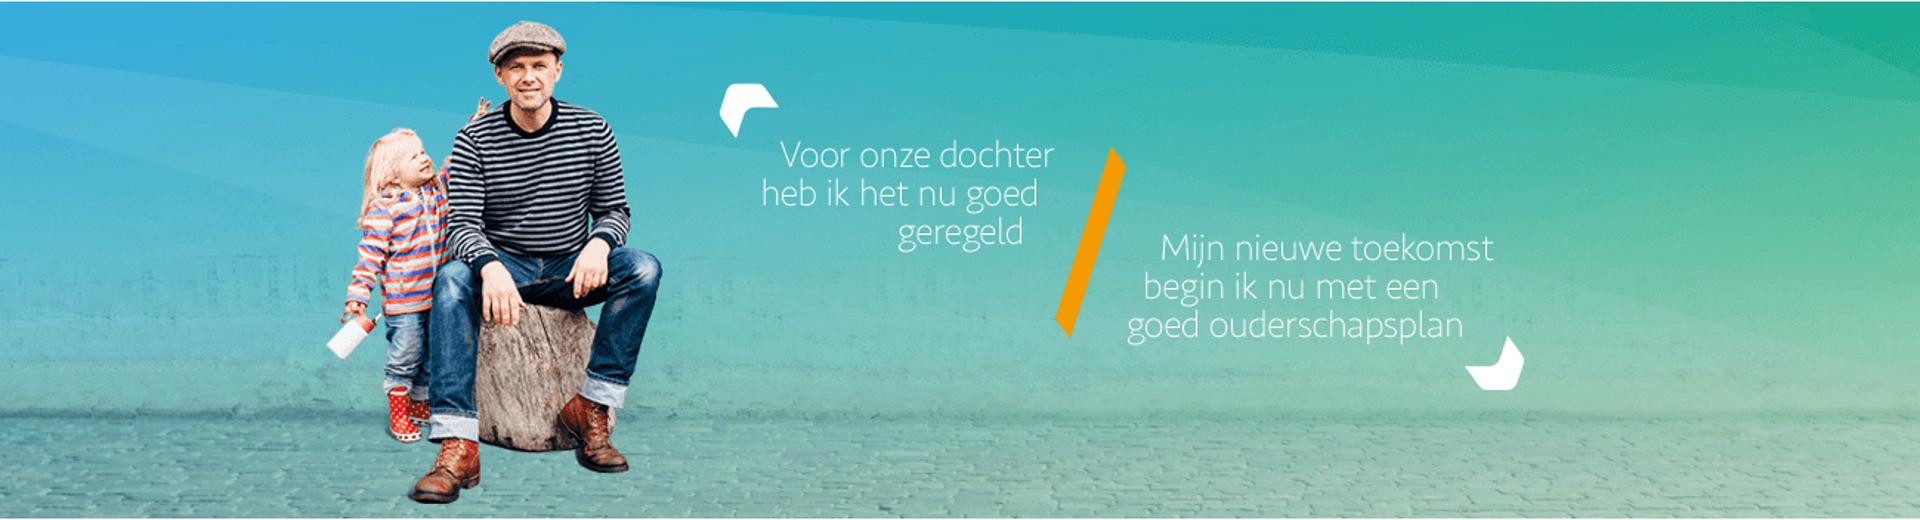 ouderschappsplan bij scheiden - Scheidingsplanner Hoofddorp - Badhoevedorp - Nieuw-Vennep